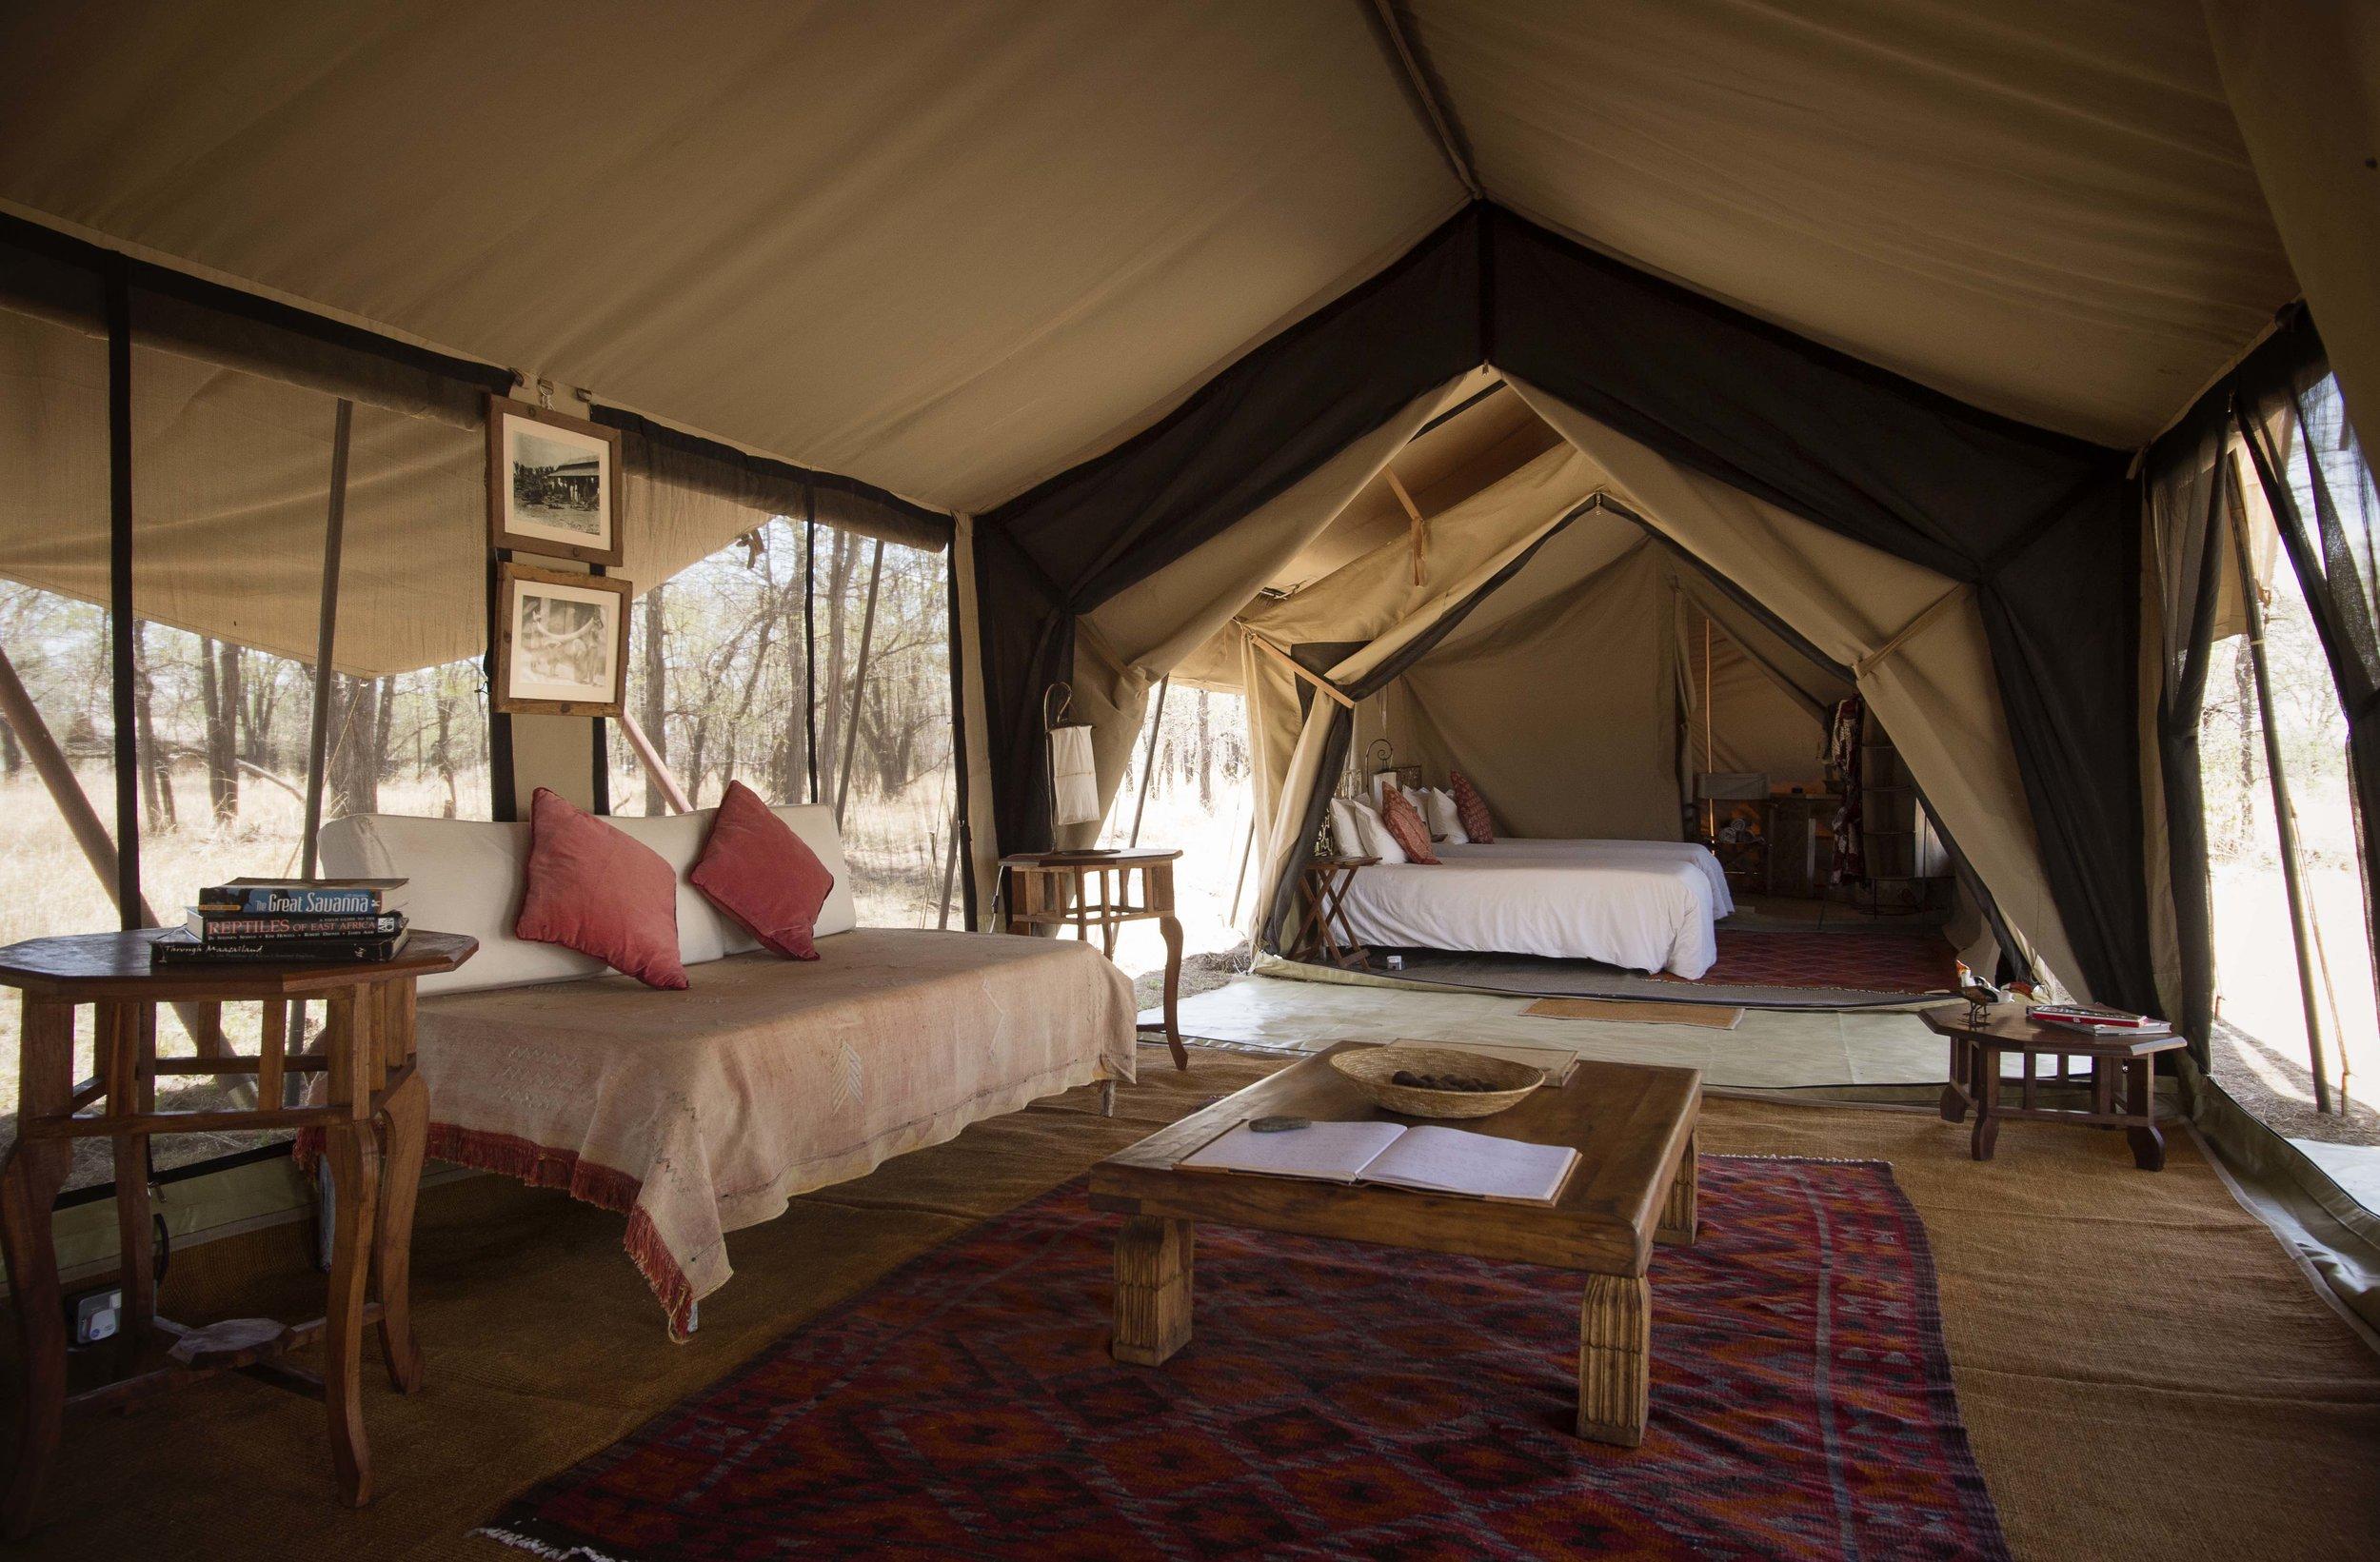 top serengeti mobile tent camps - serian's serengeti south camp